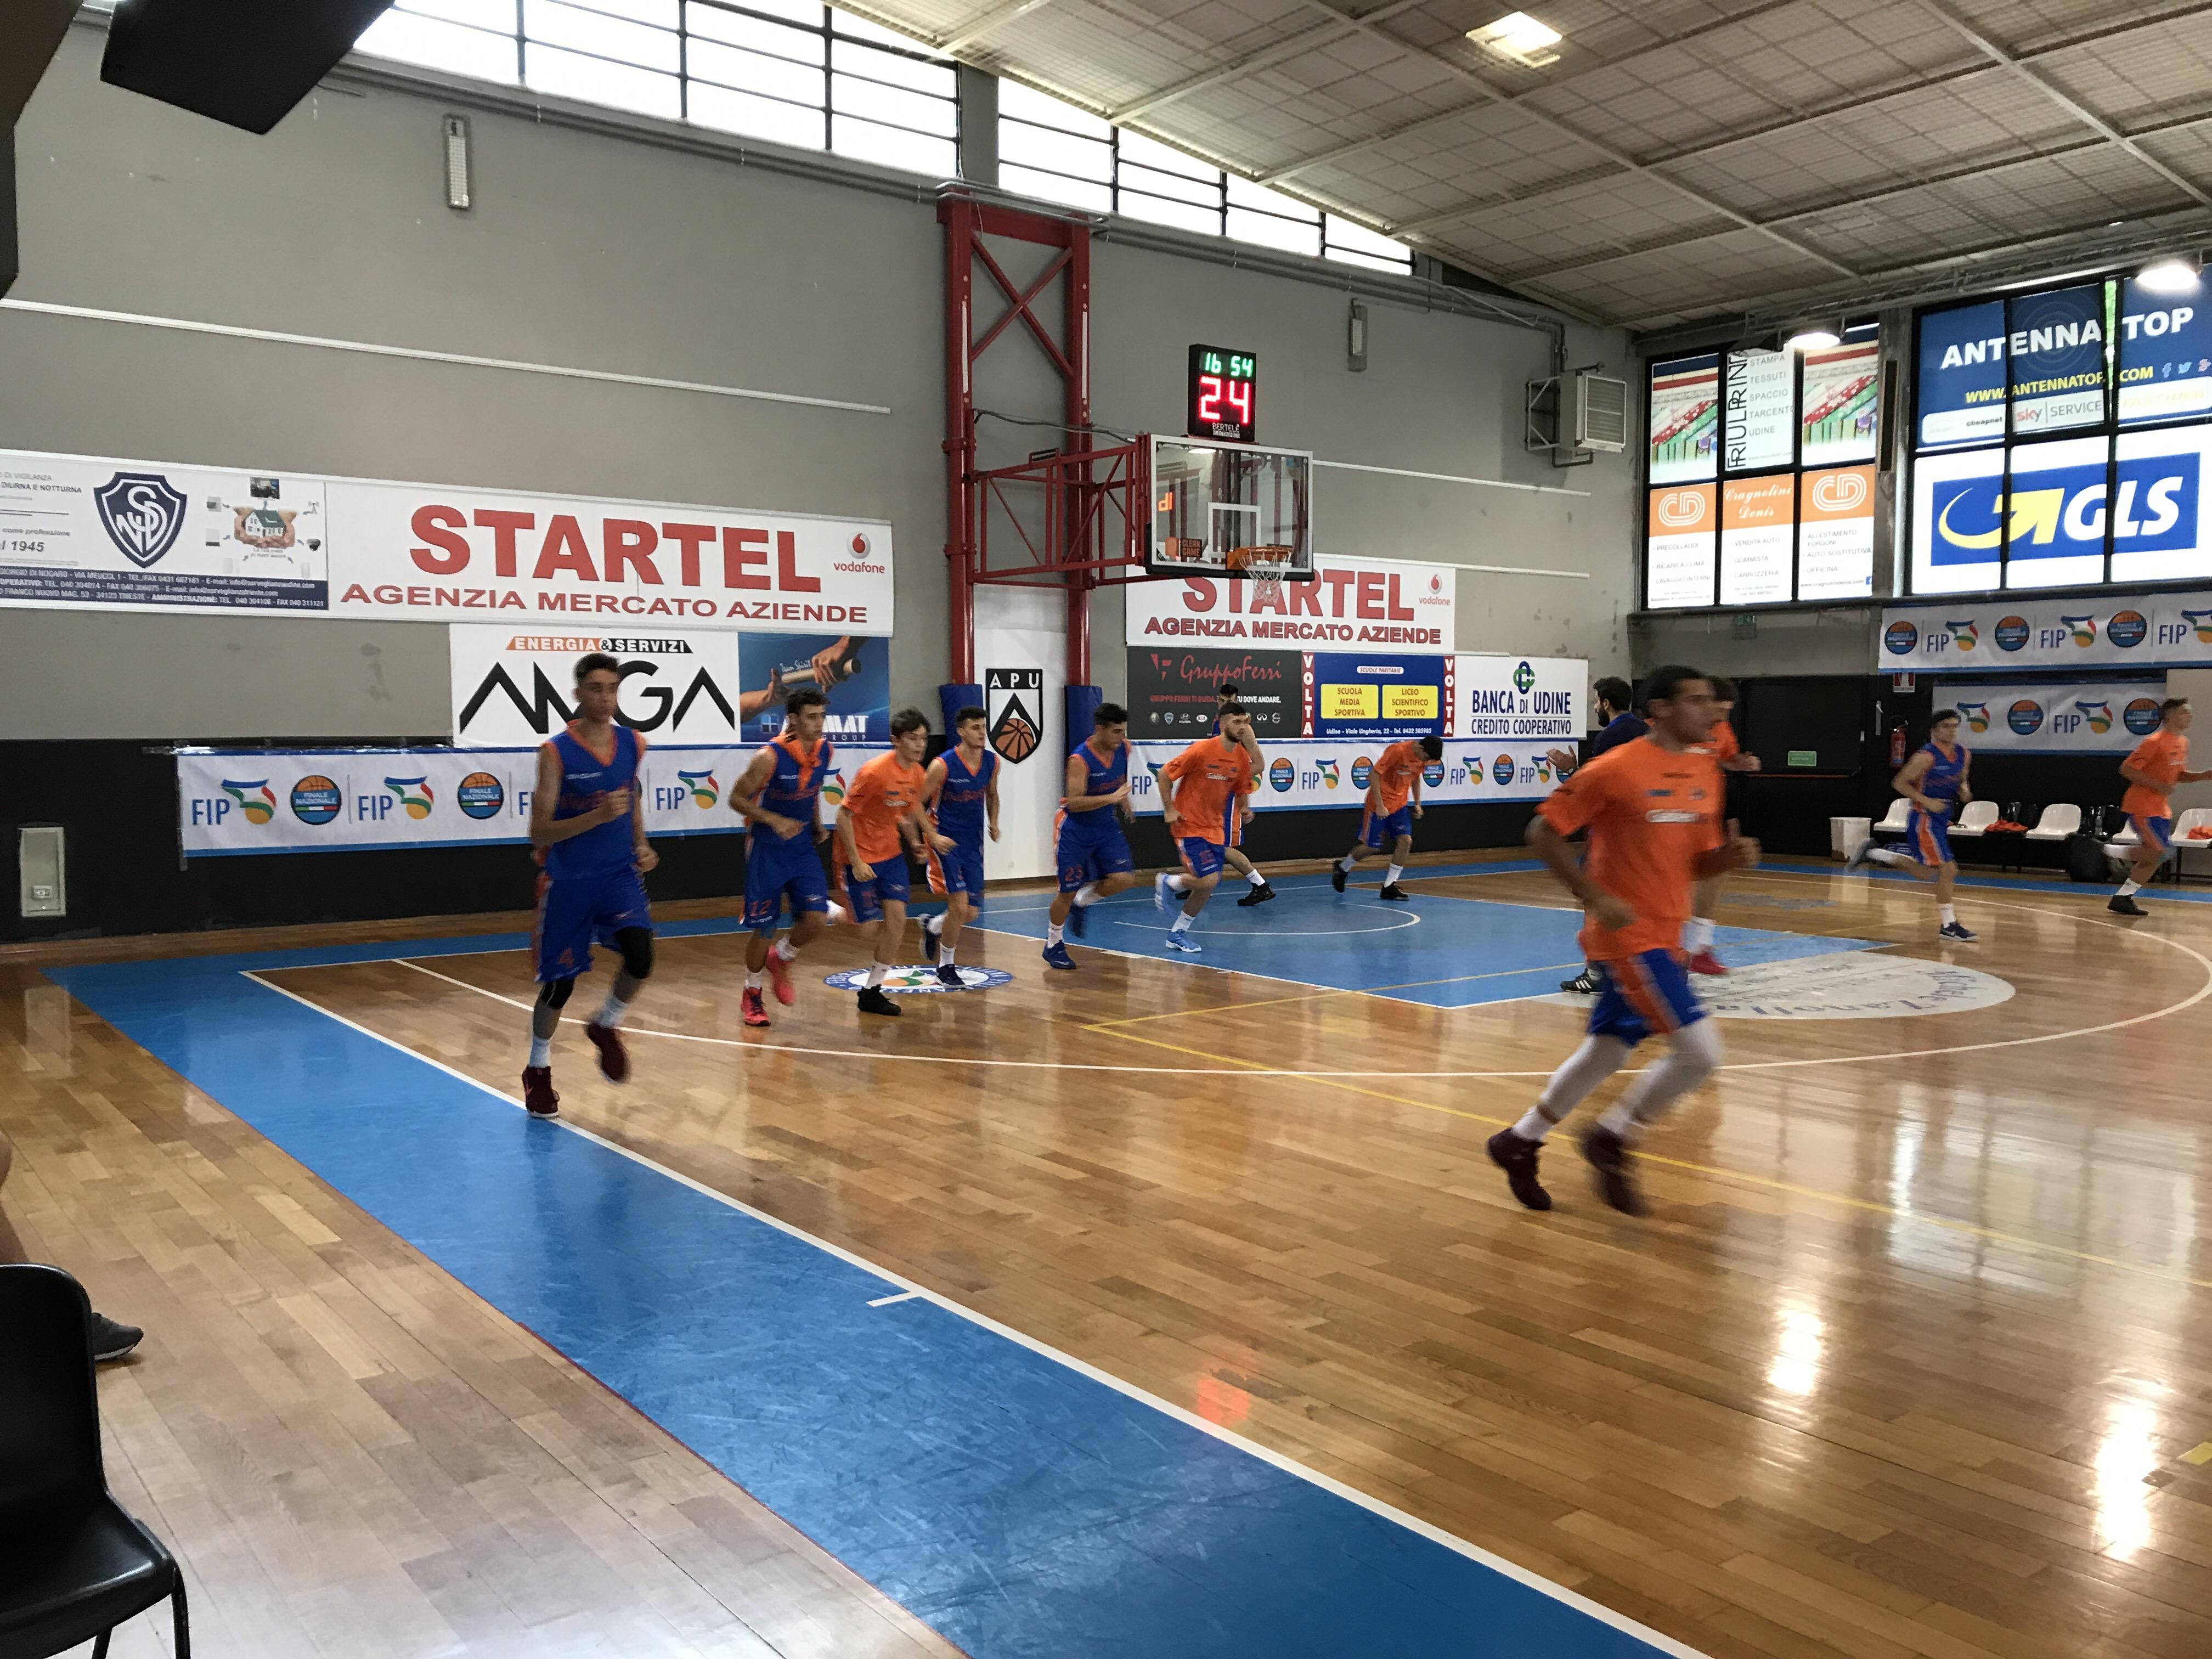 Finali Udine: i tabellini della seconda giornata